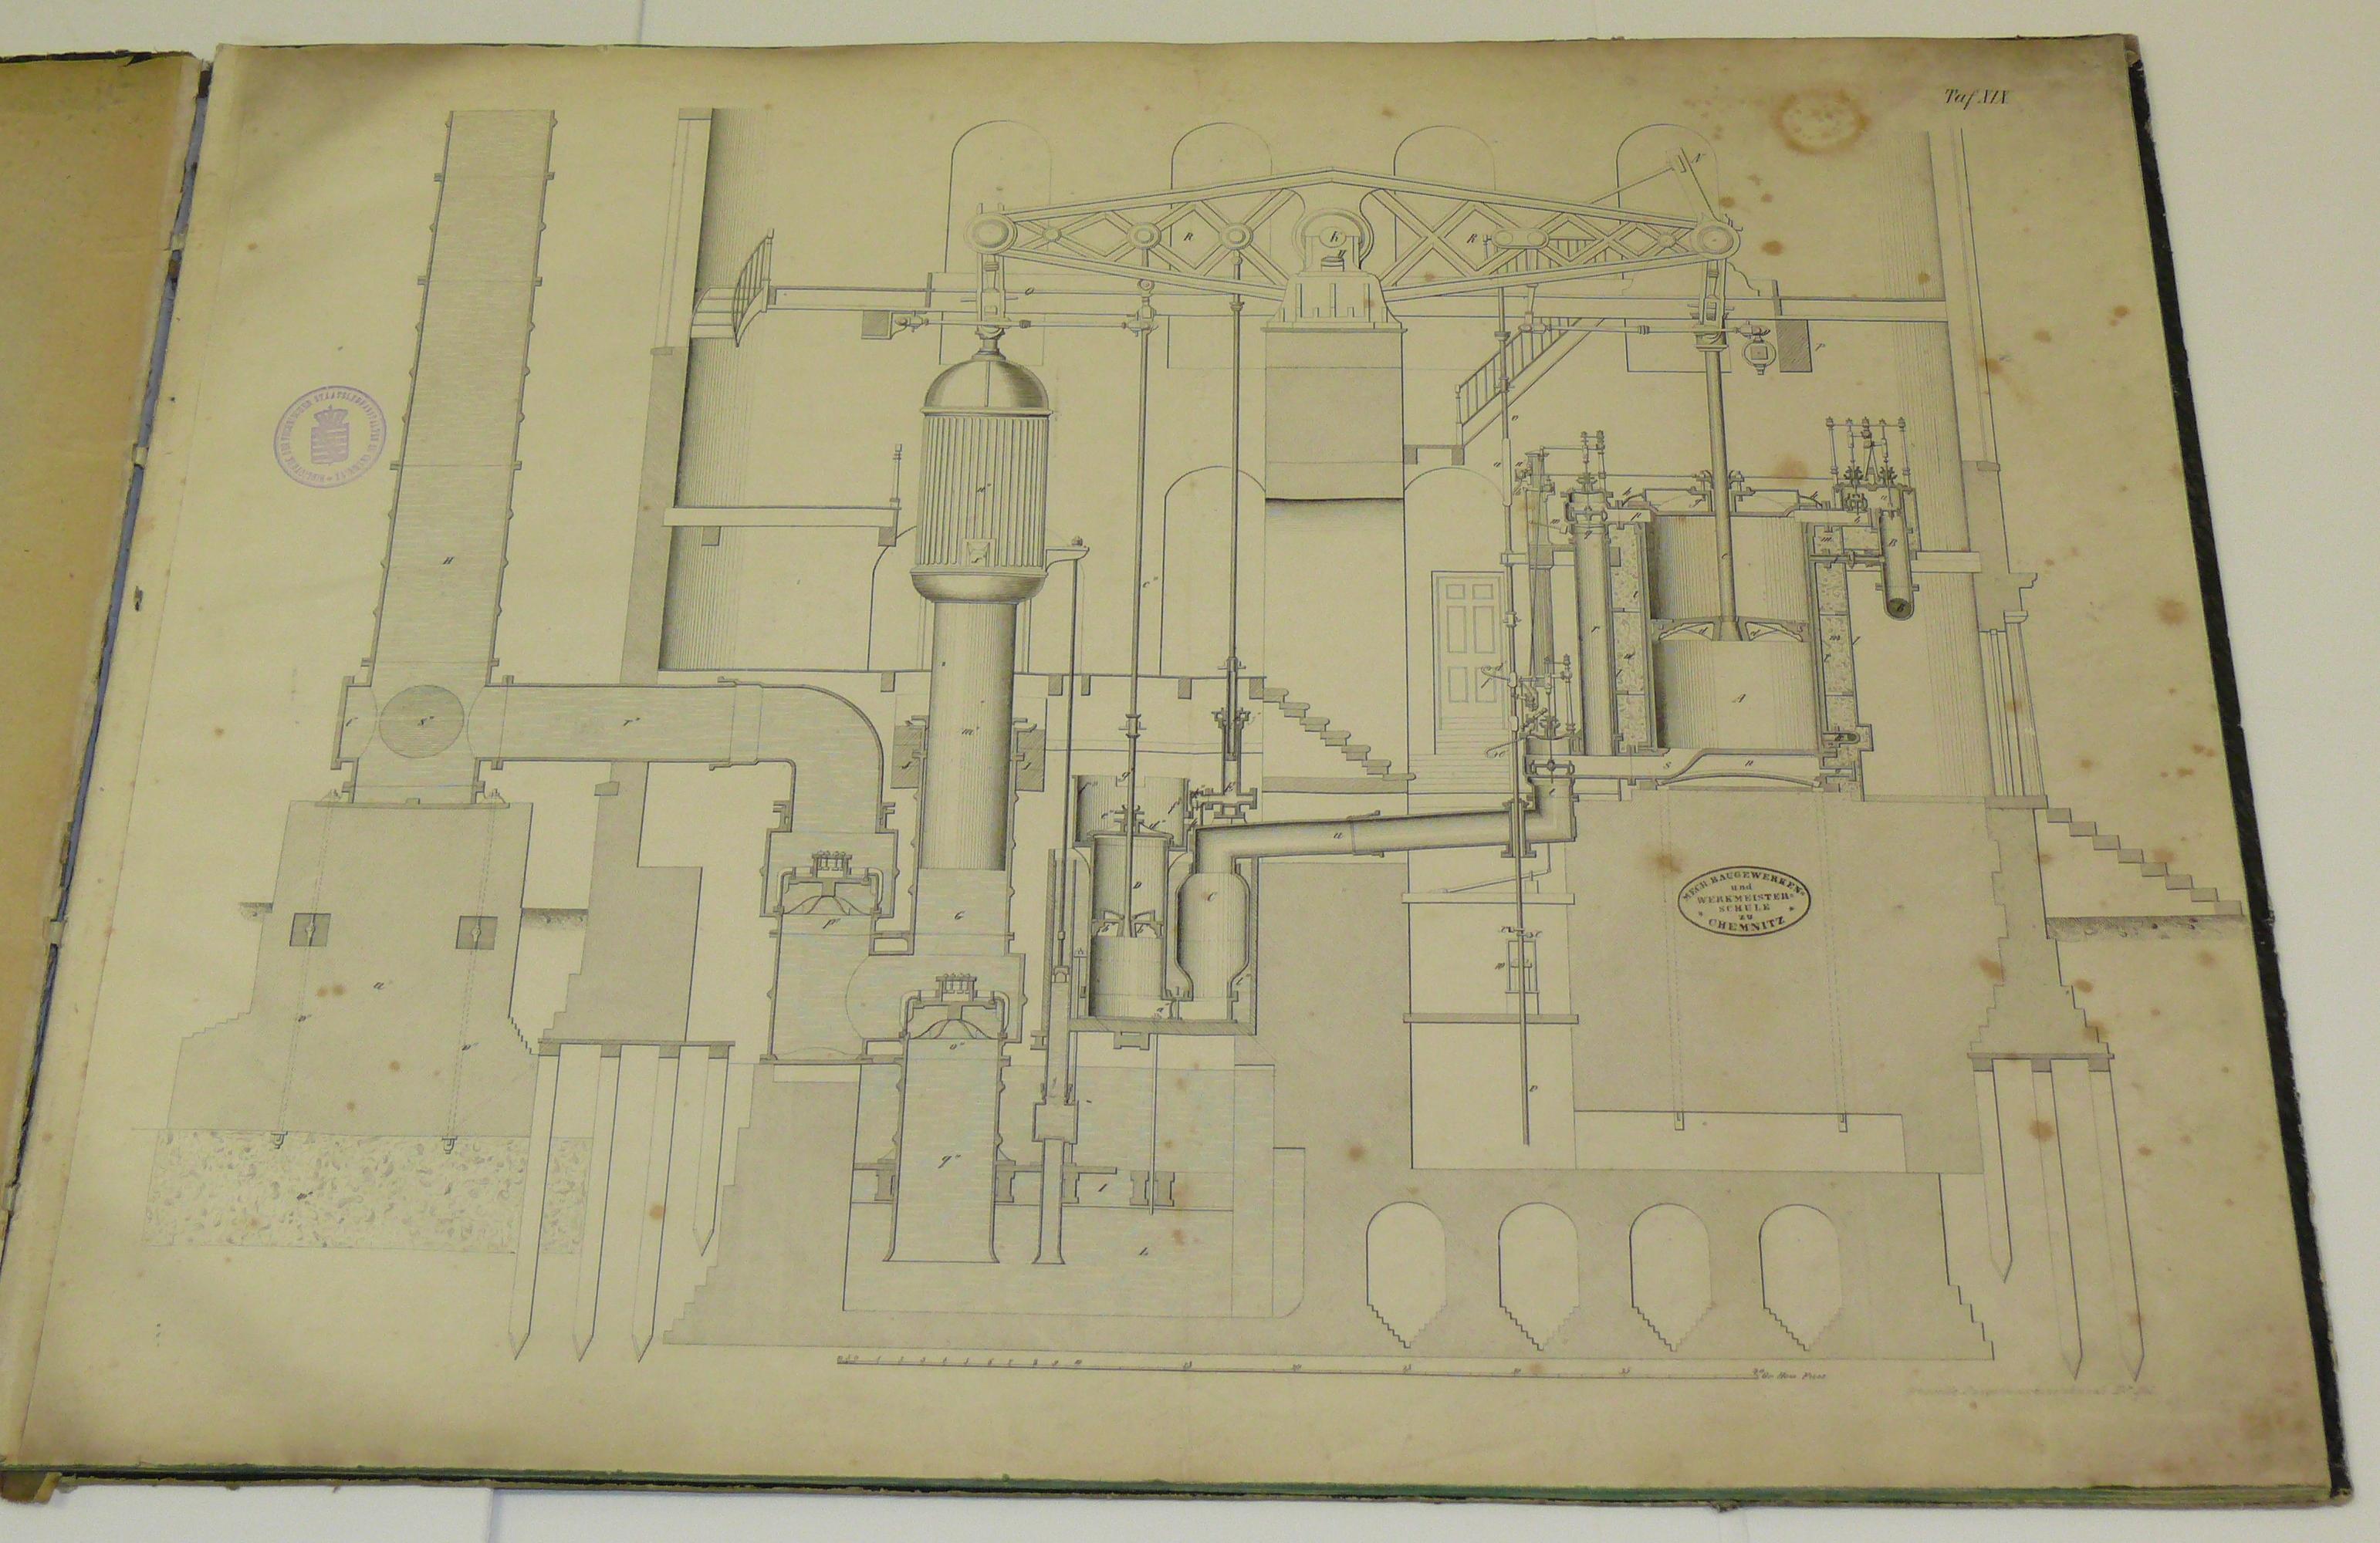 aufgeklapptes Buch mit der erste Seite, die eine technische Zeichnung aufweist